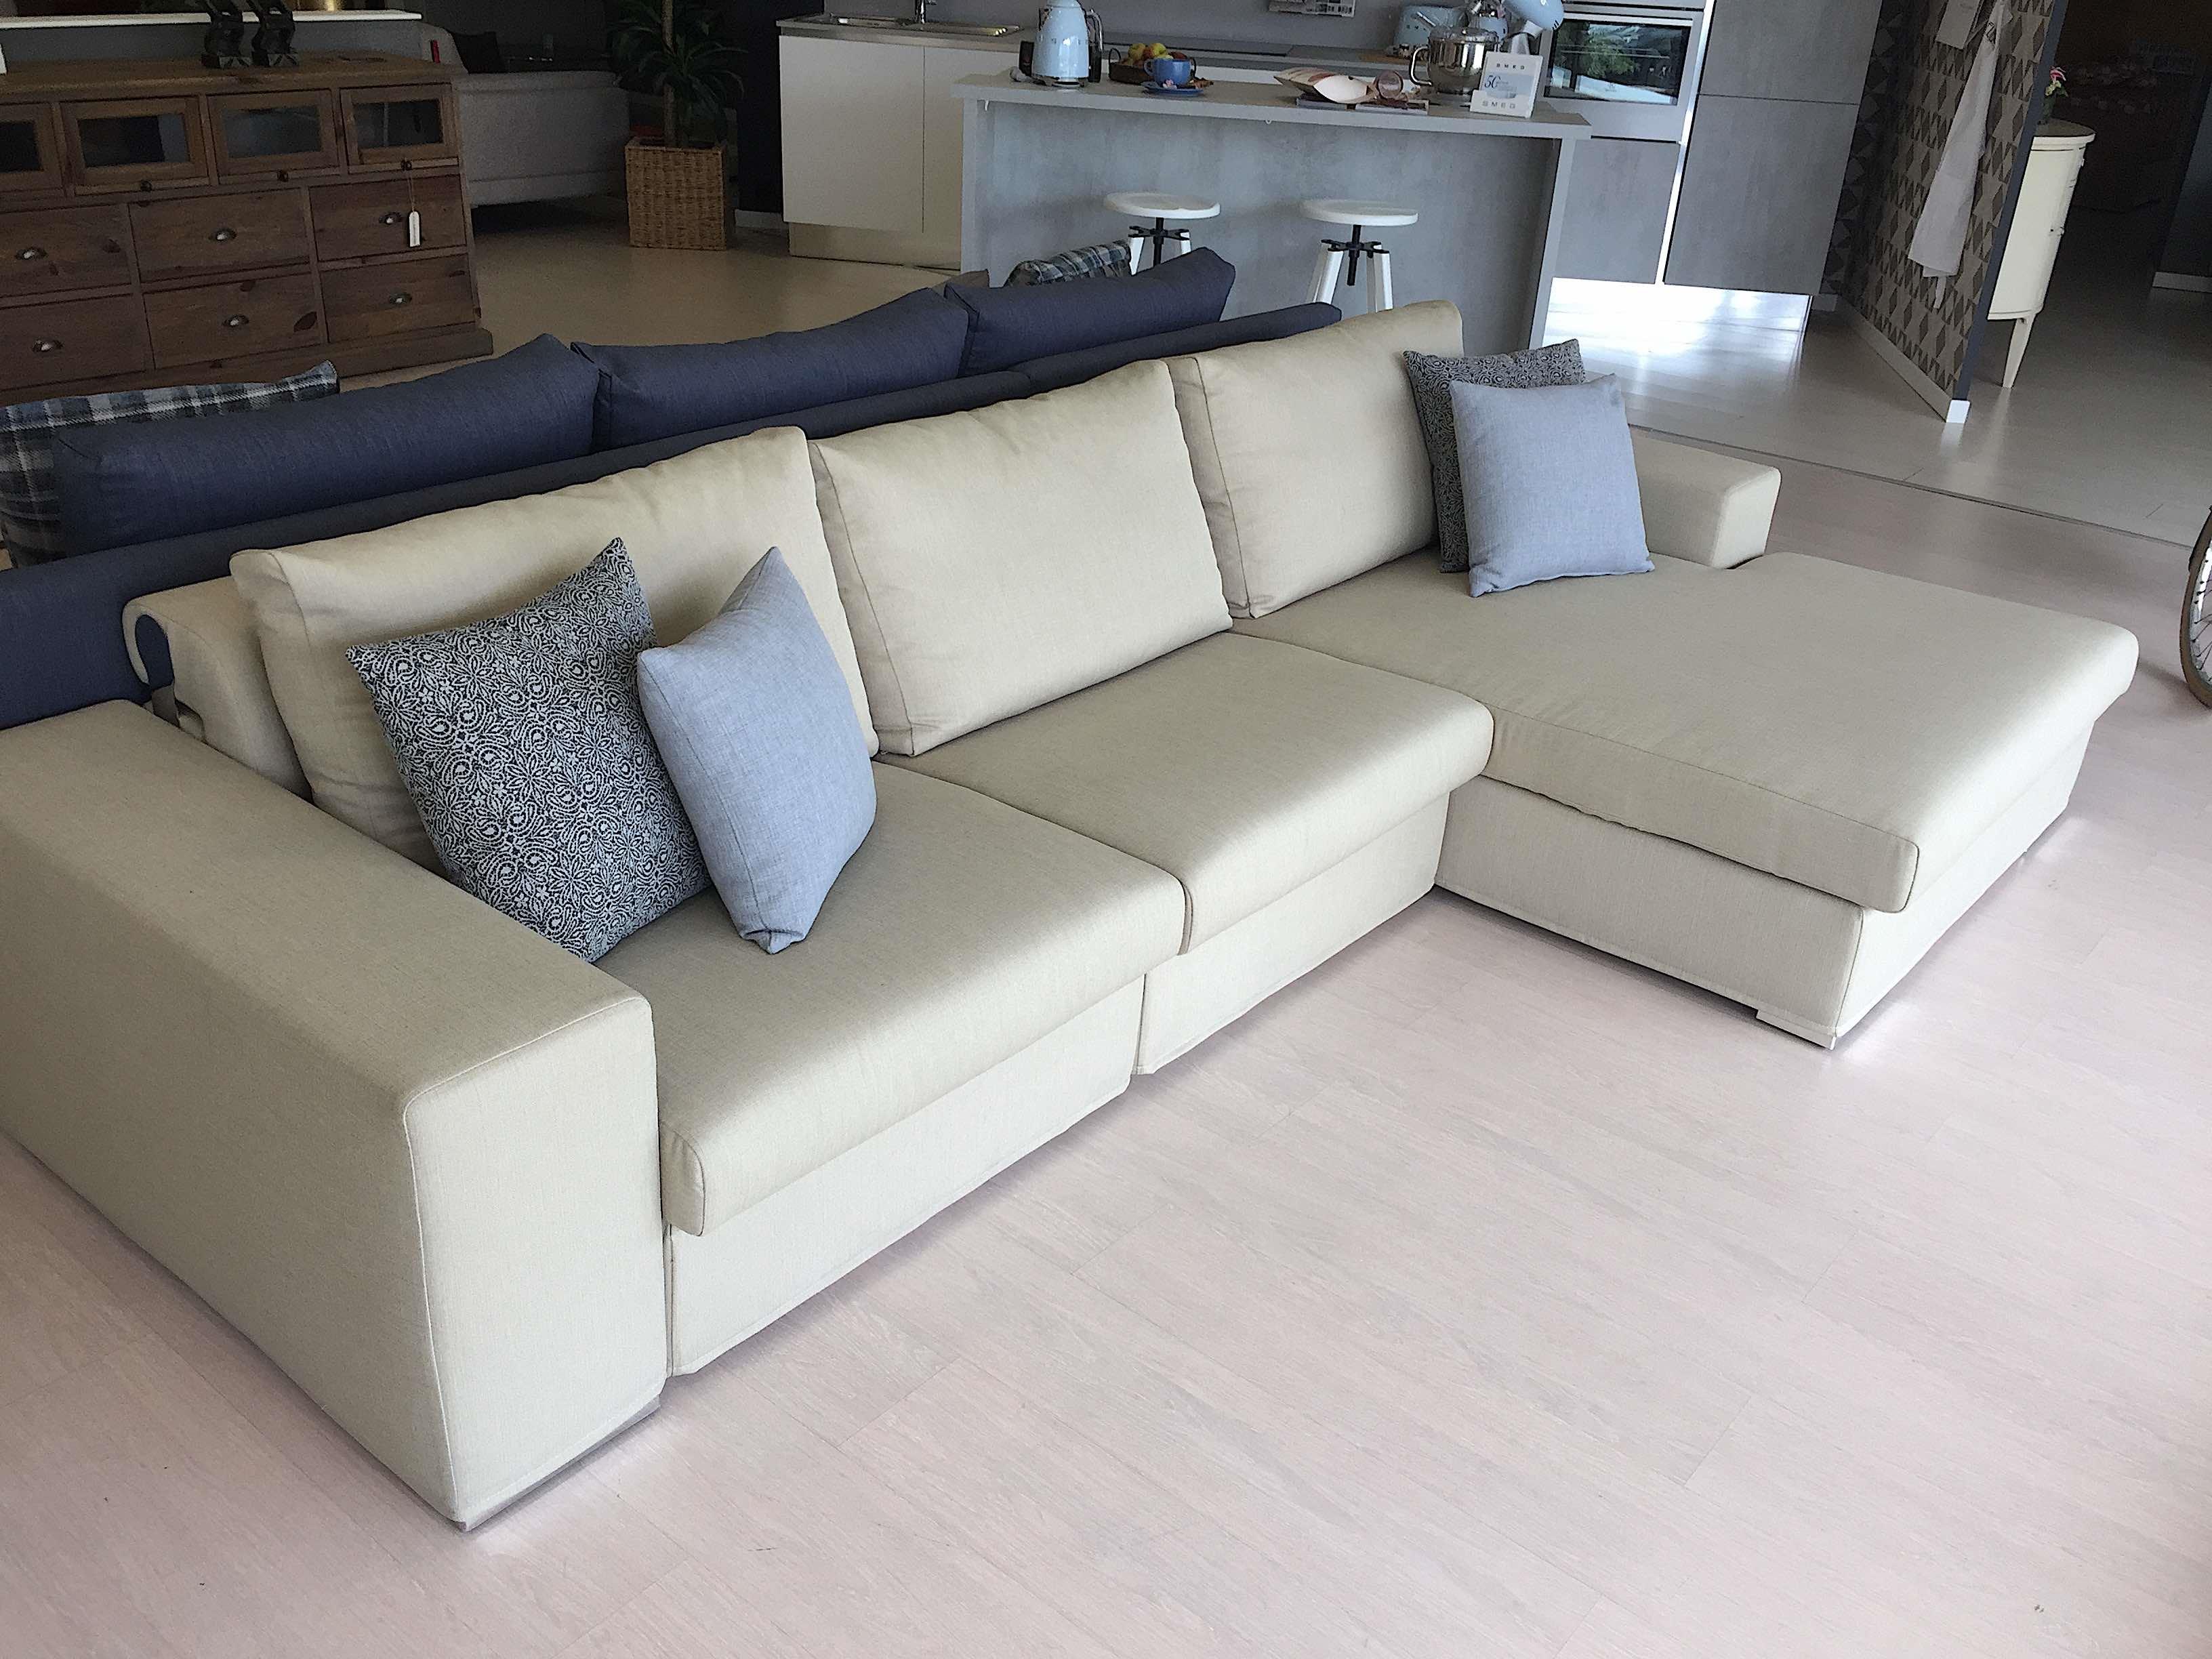 Divano doimo salotti atlante divani con penisola tessuto divani a prezzi scontati - Divano doimo prezzo ...